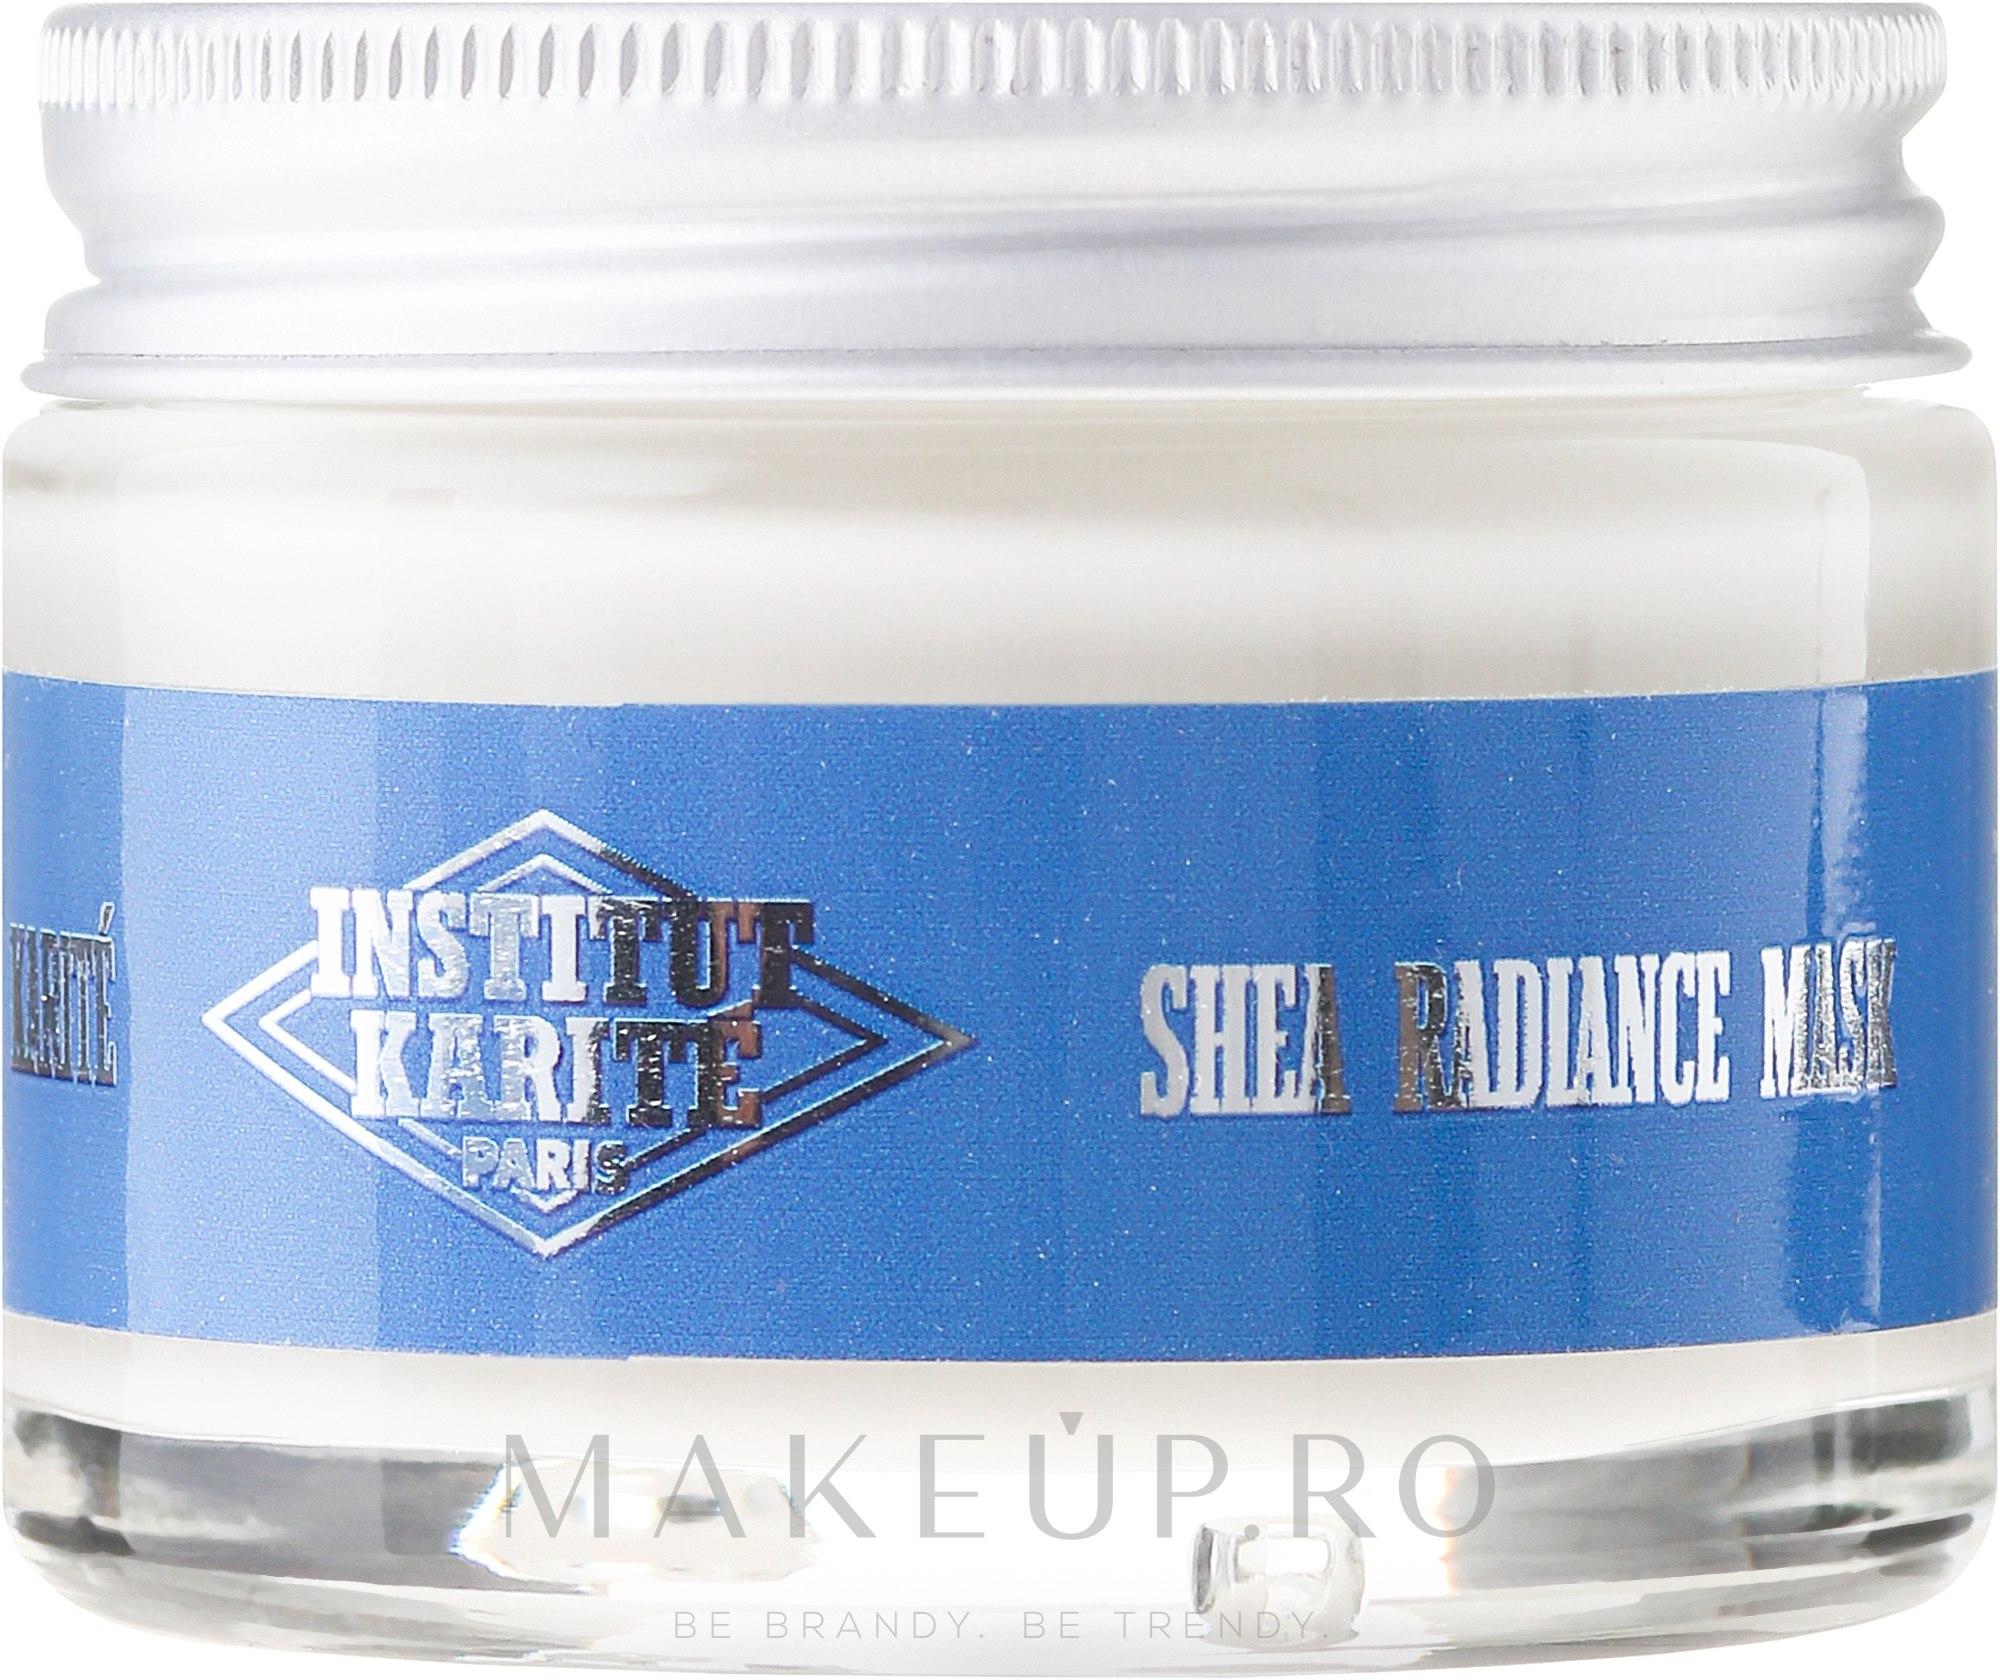 Mască regenerantă de față - Institut Karite Shea Radiance Cream — Imagine 50 ml